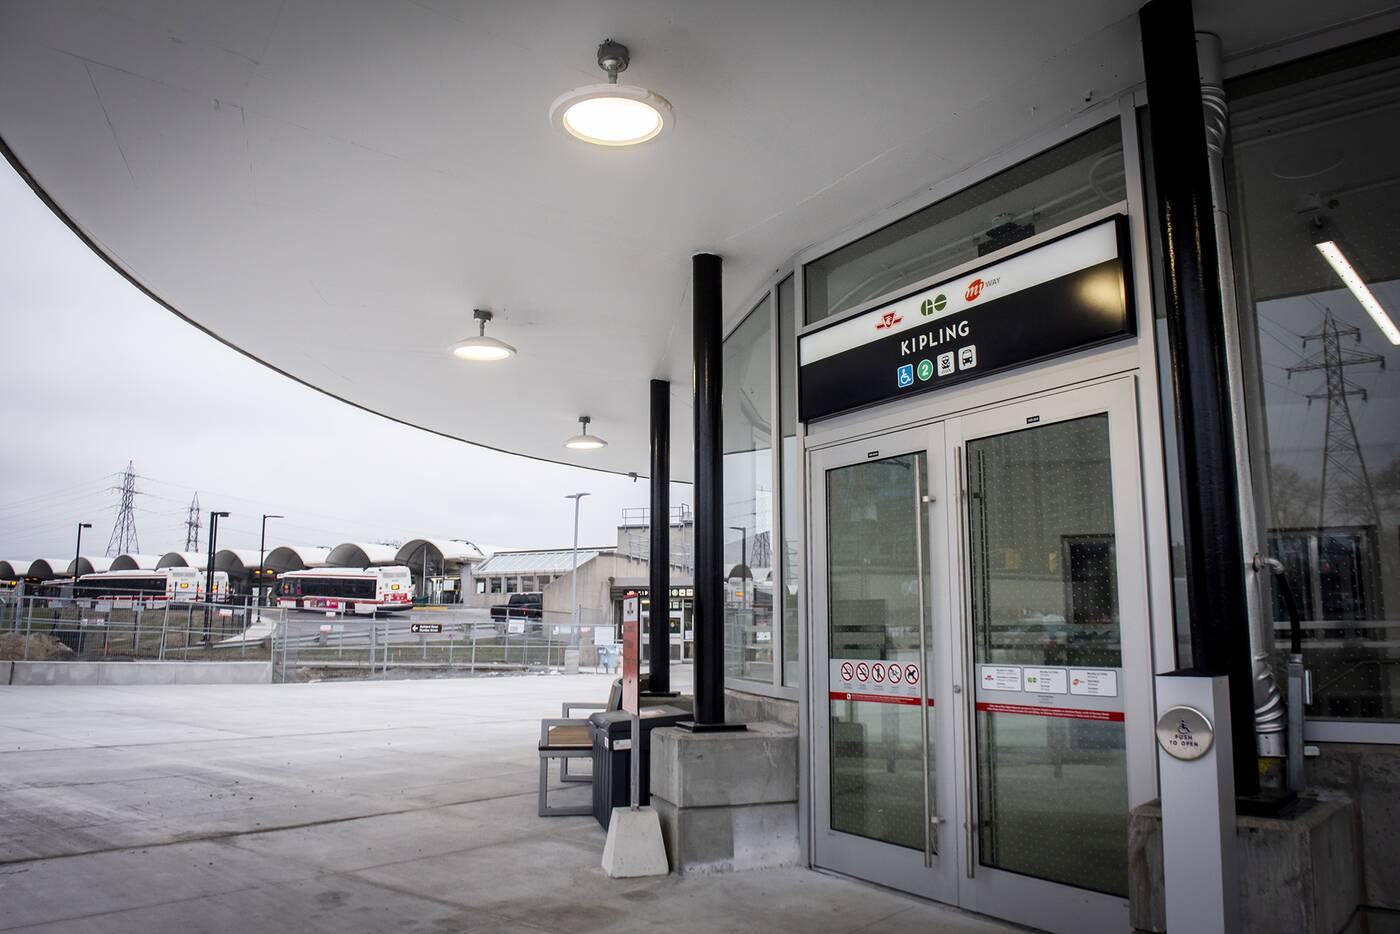 kipling bus terminal toronto